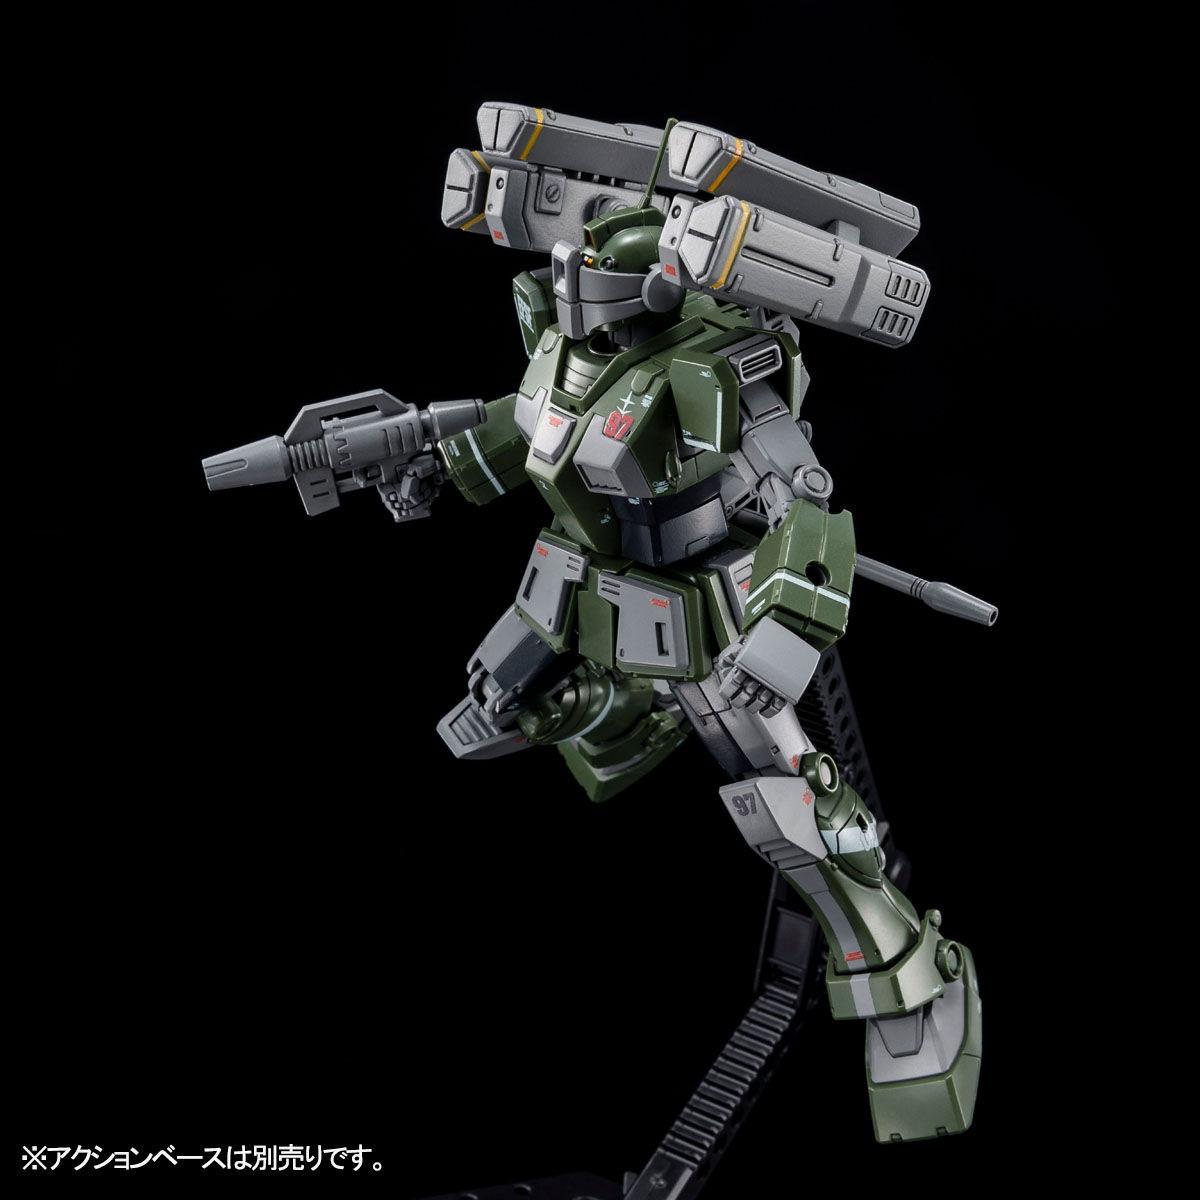 【限定販売】HG 1/144『ジム・スナイパーカスタム(ミサイル・ランチャー装備)』プラモデル-006